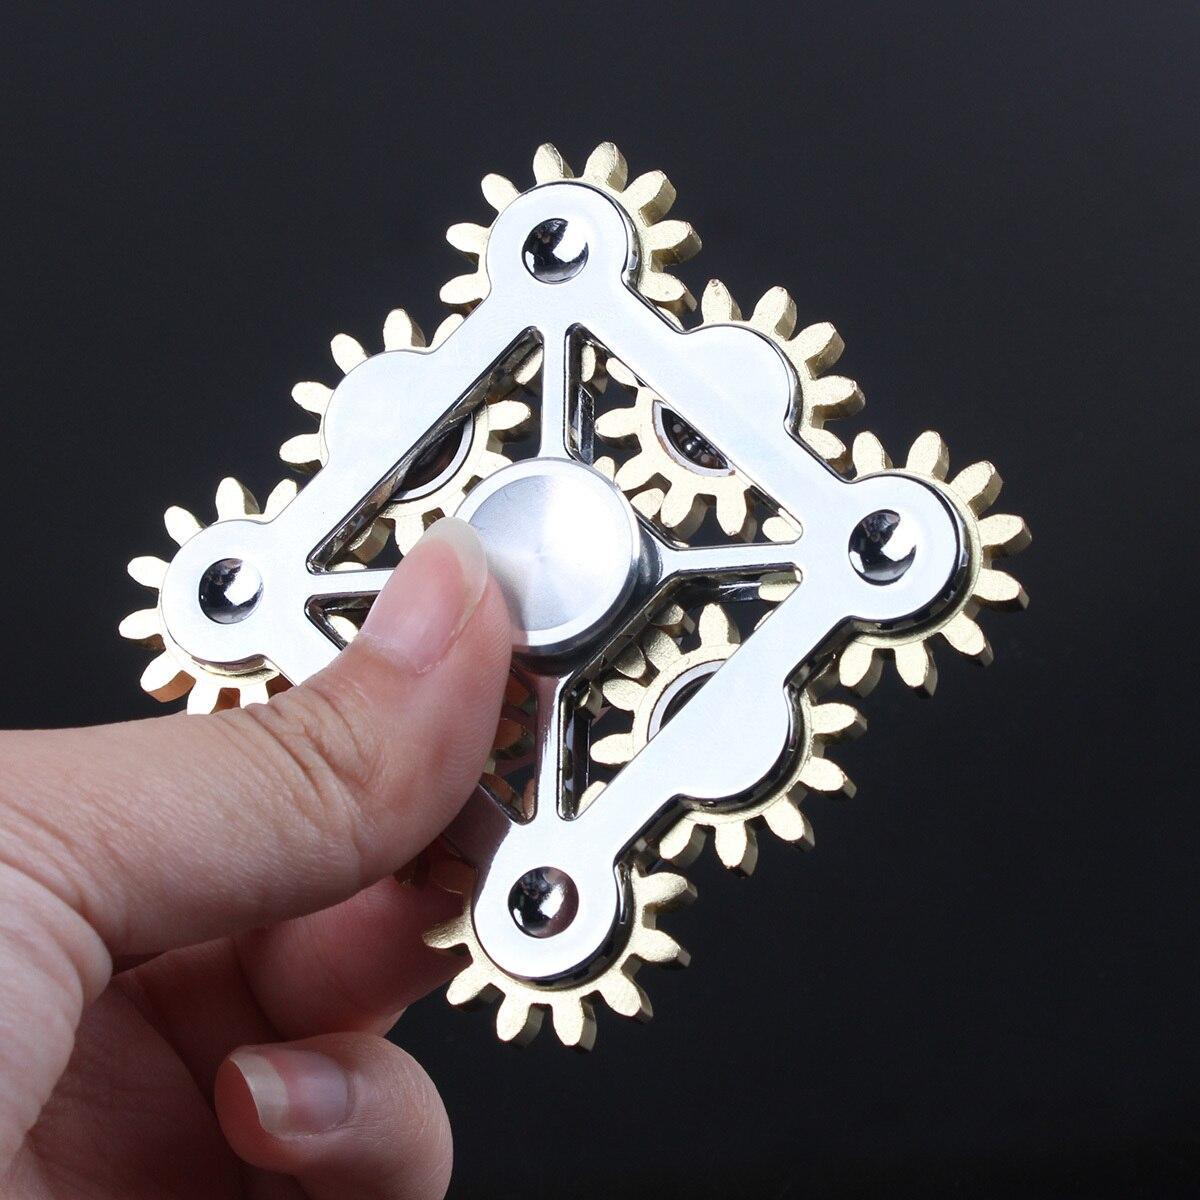 Hand Spinner Engrenage